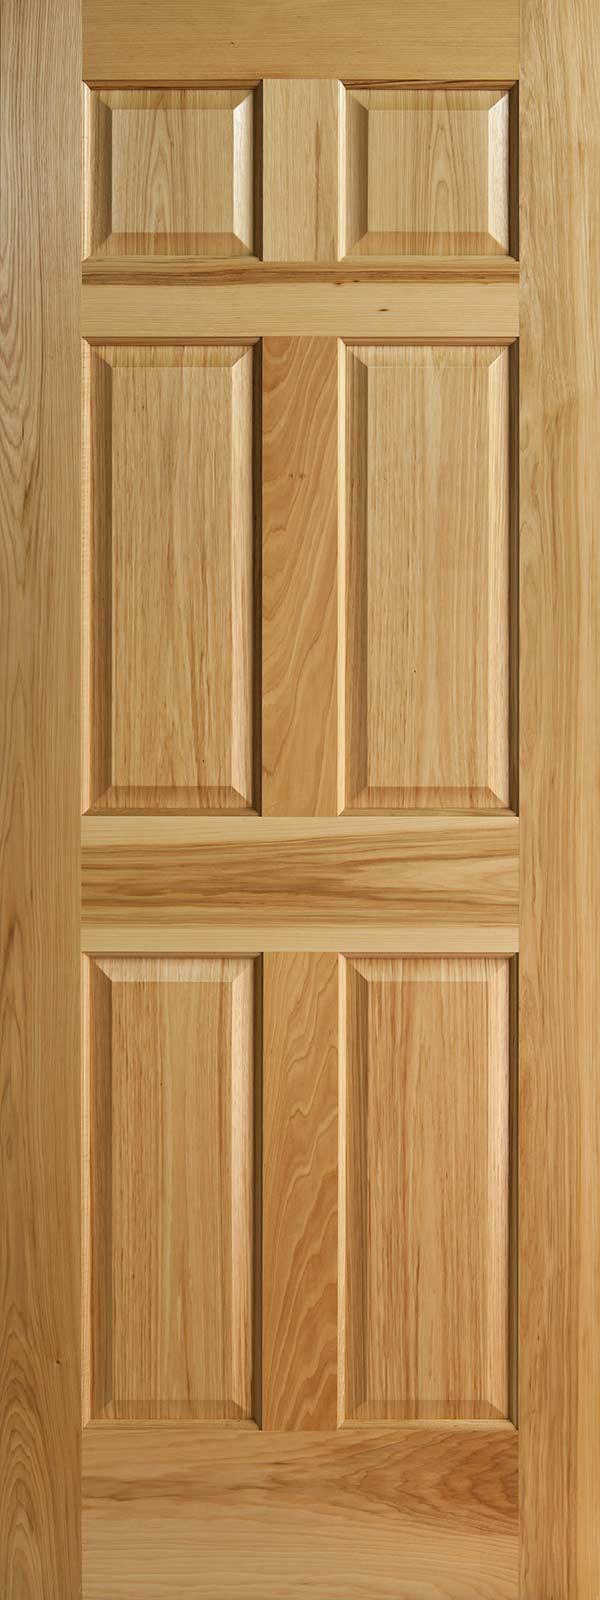 Door png for 6 panel interior wood doors